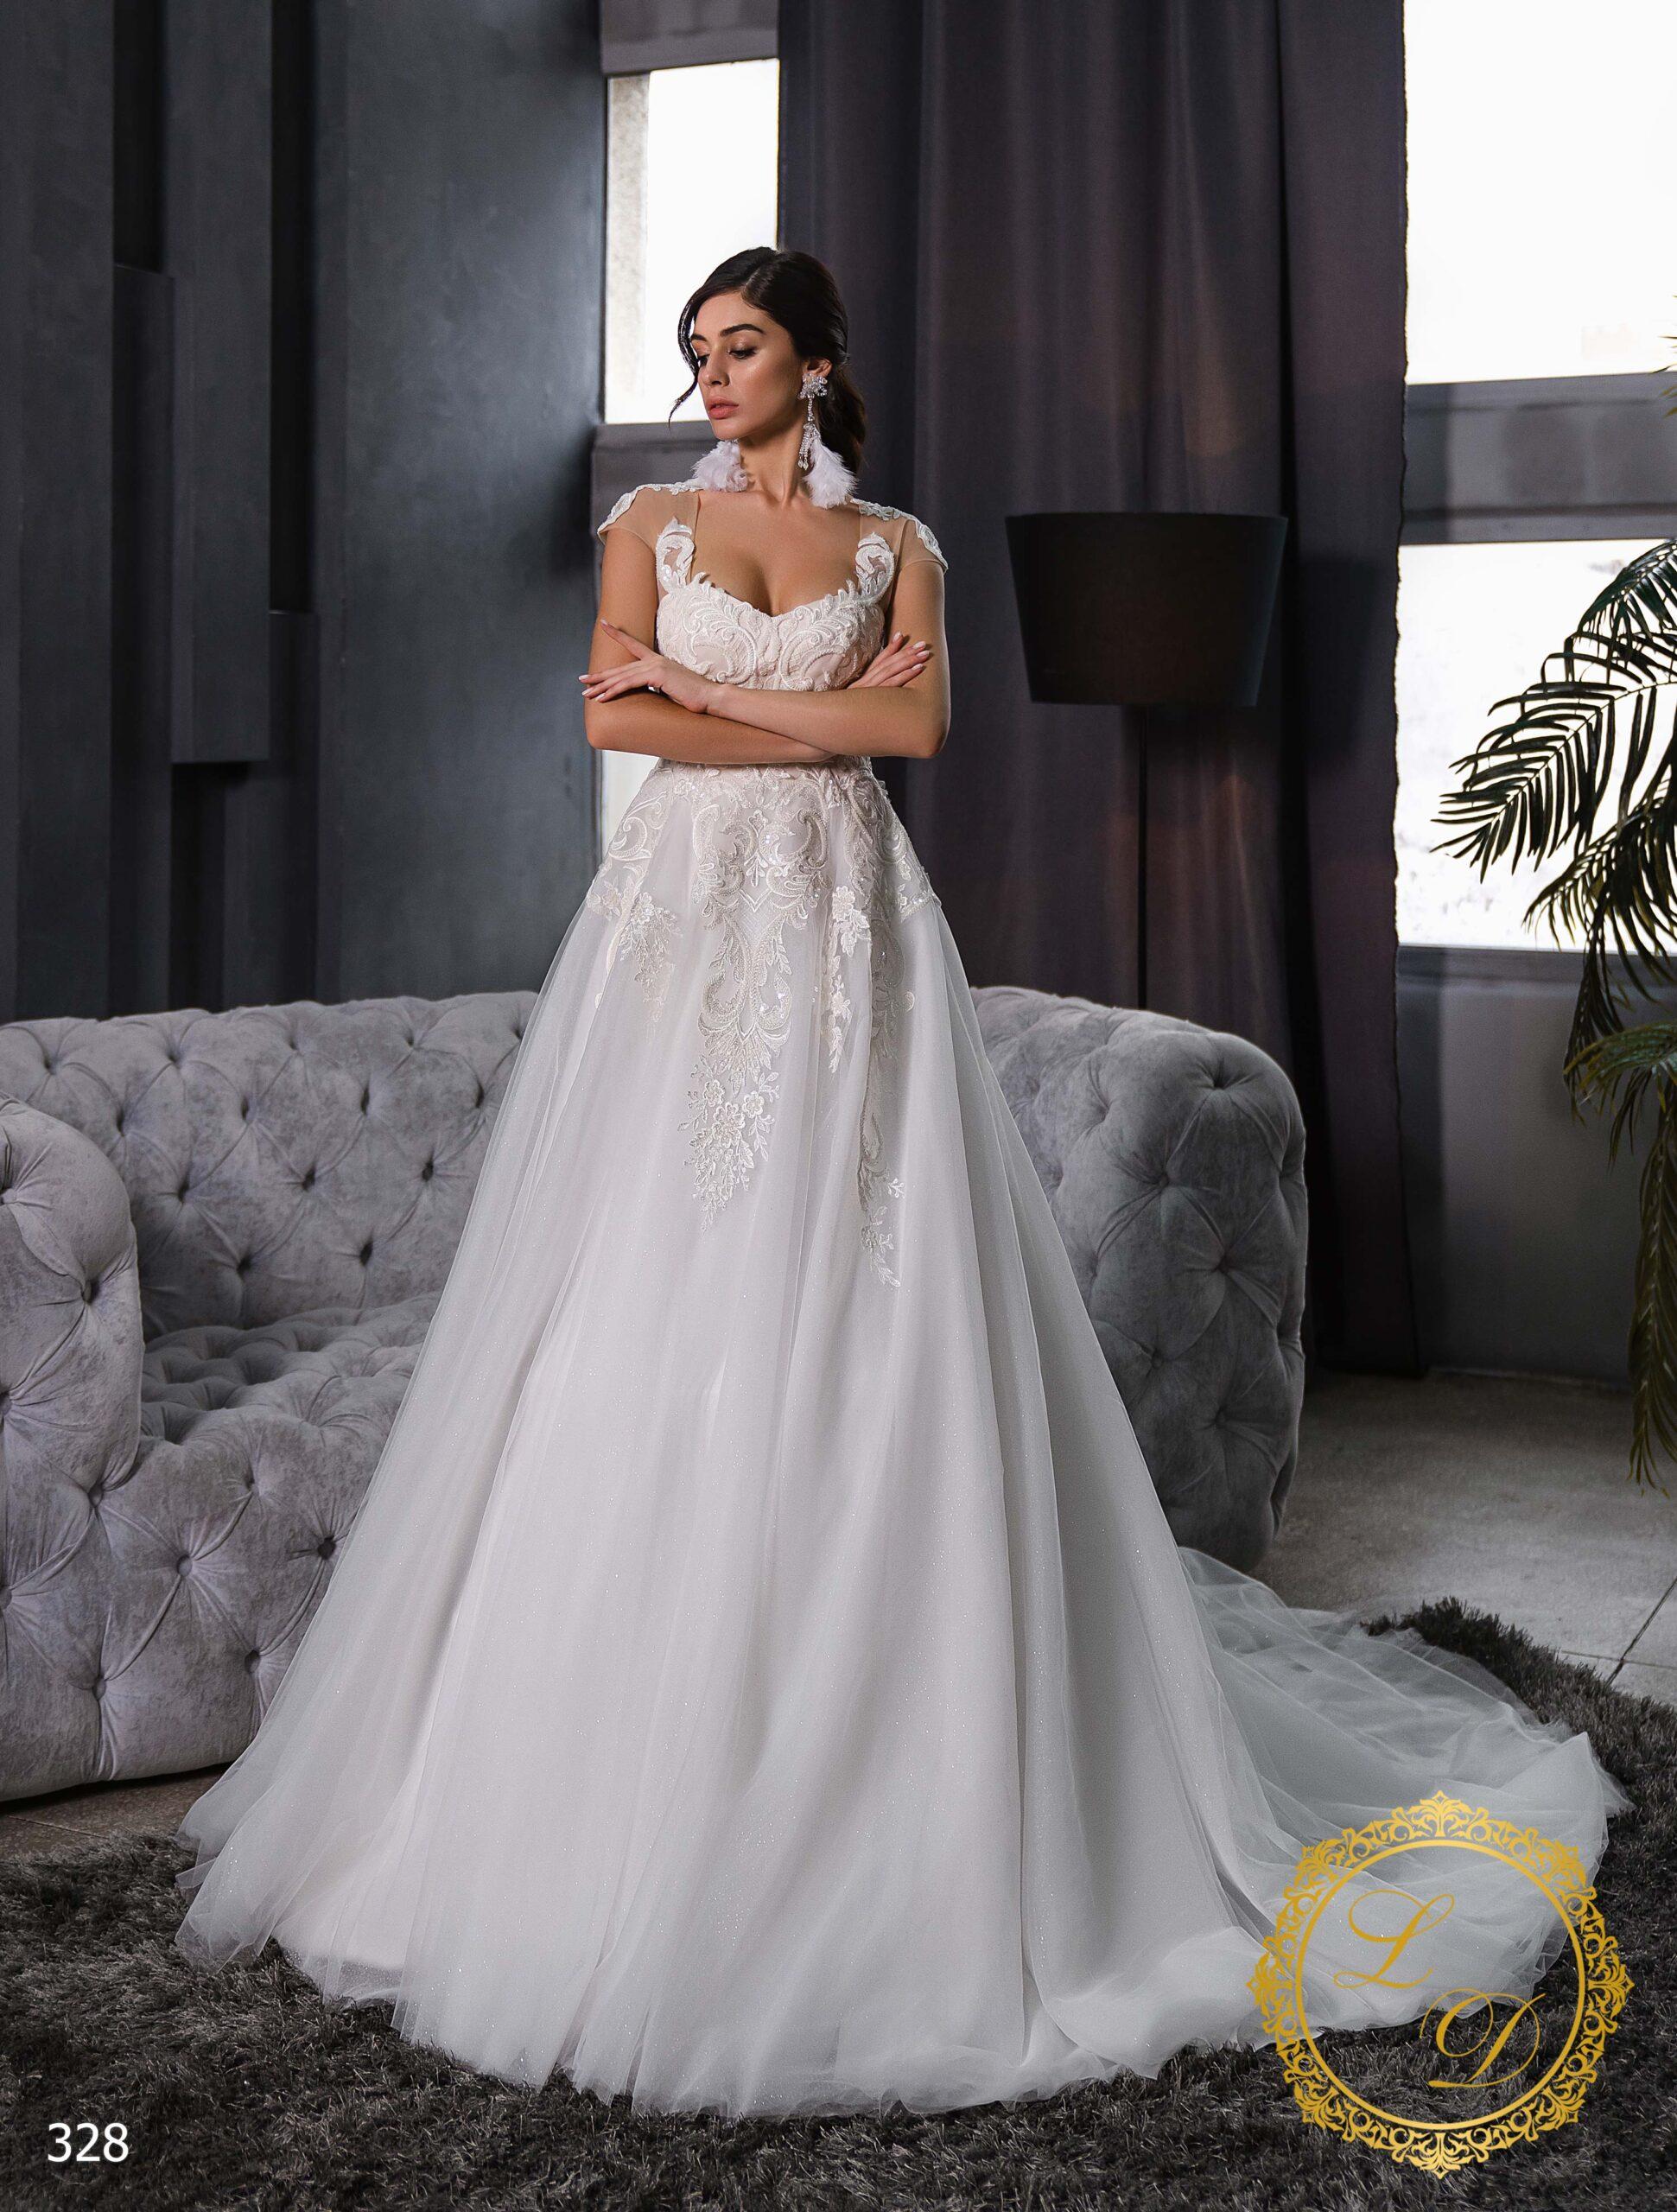 Свадебное платье Lady Di 328-1